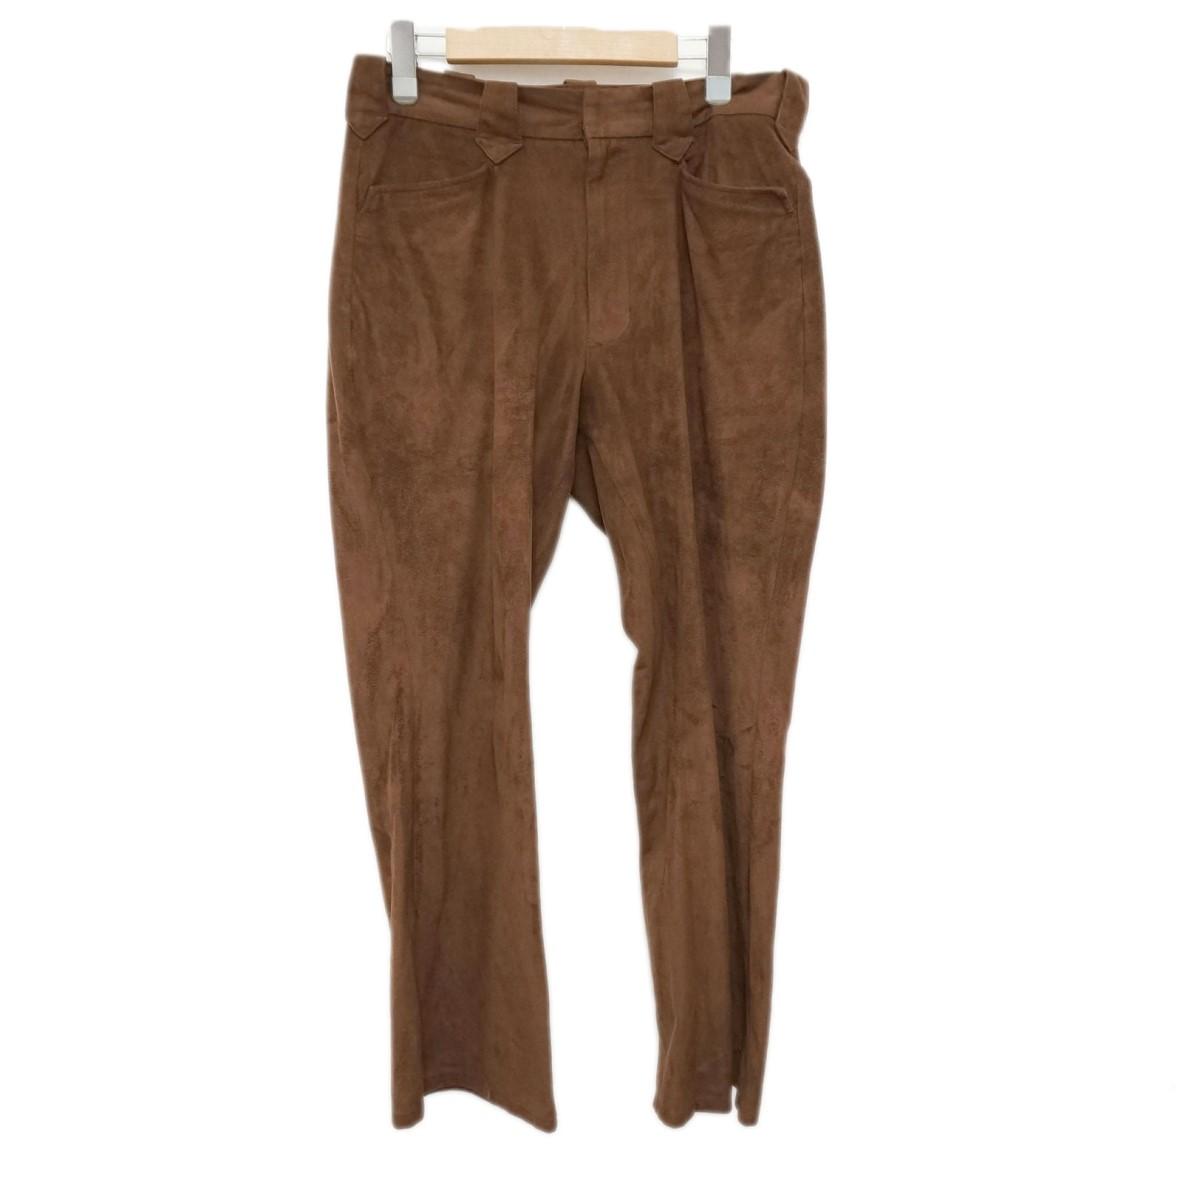 【中古】superNova. 19SS × LANTIKI フェイクスウェード ウエスタンパンツ western pants ブラウン サイズ:S 【080220】(スーパーノヴァ)